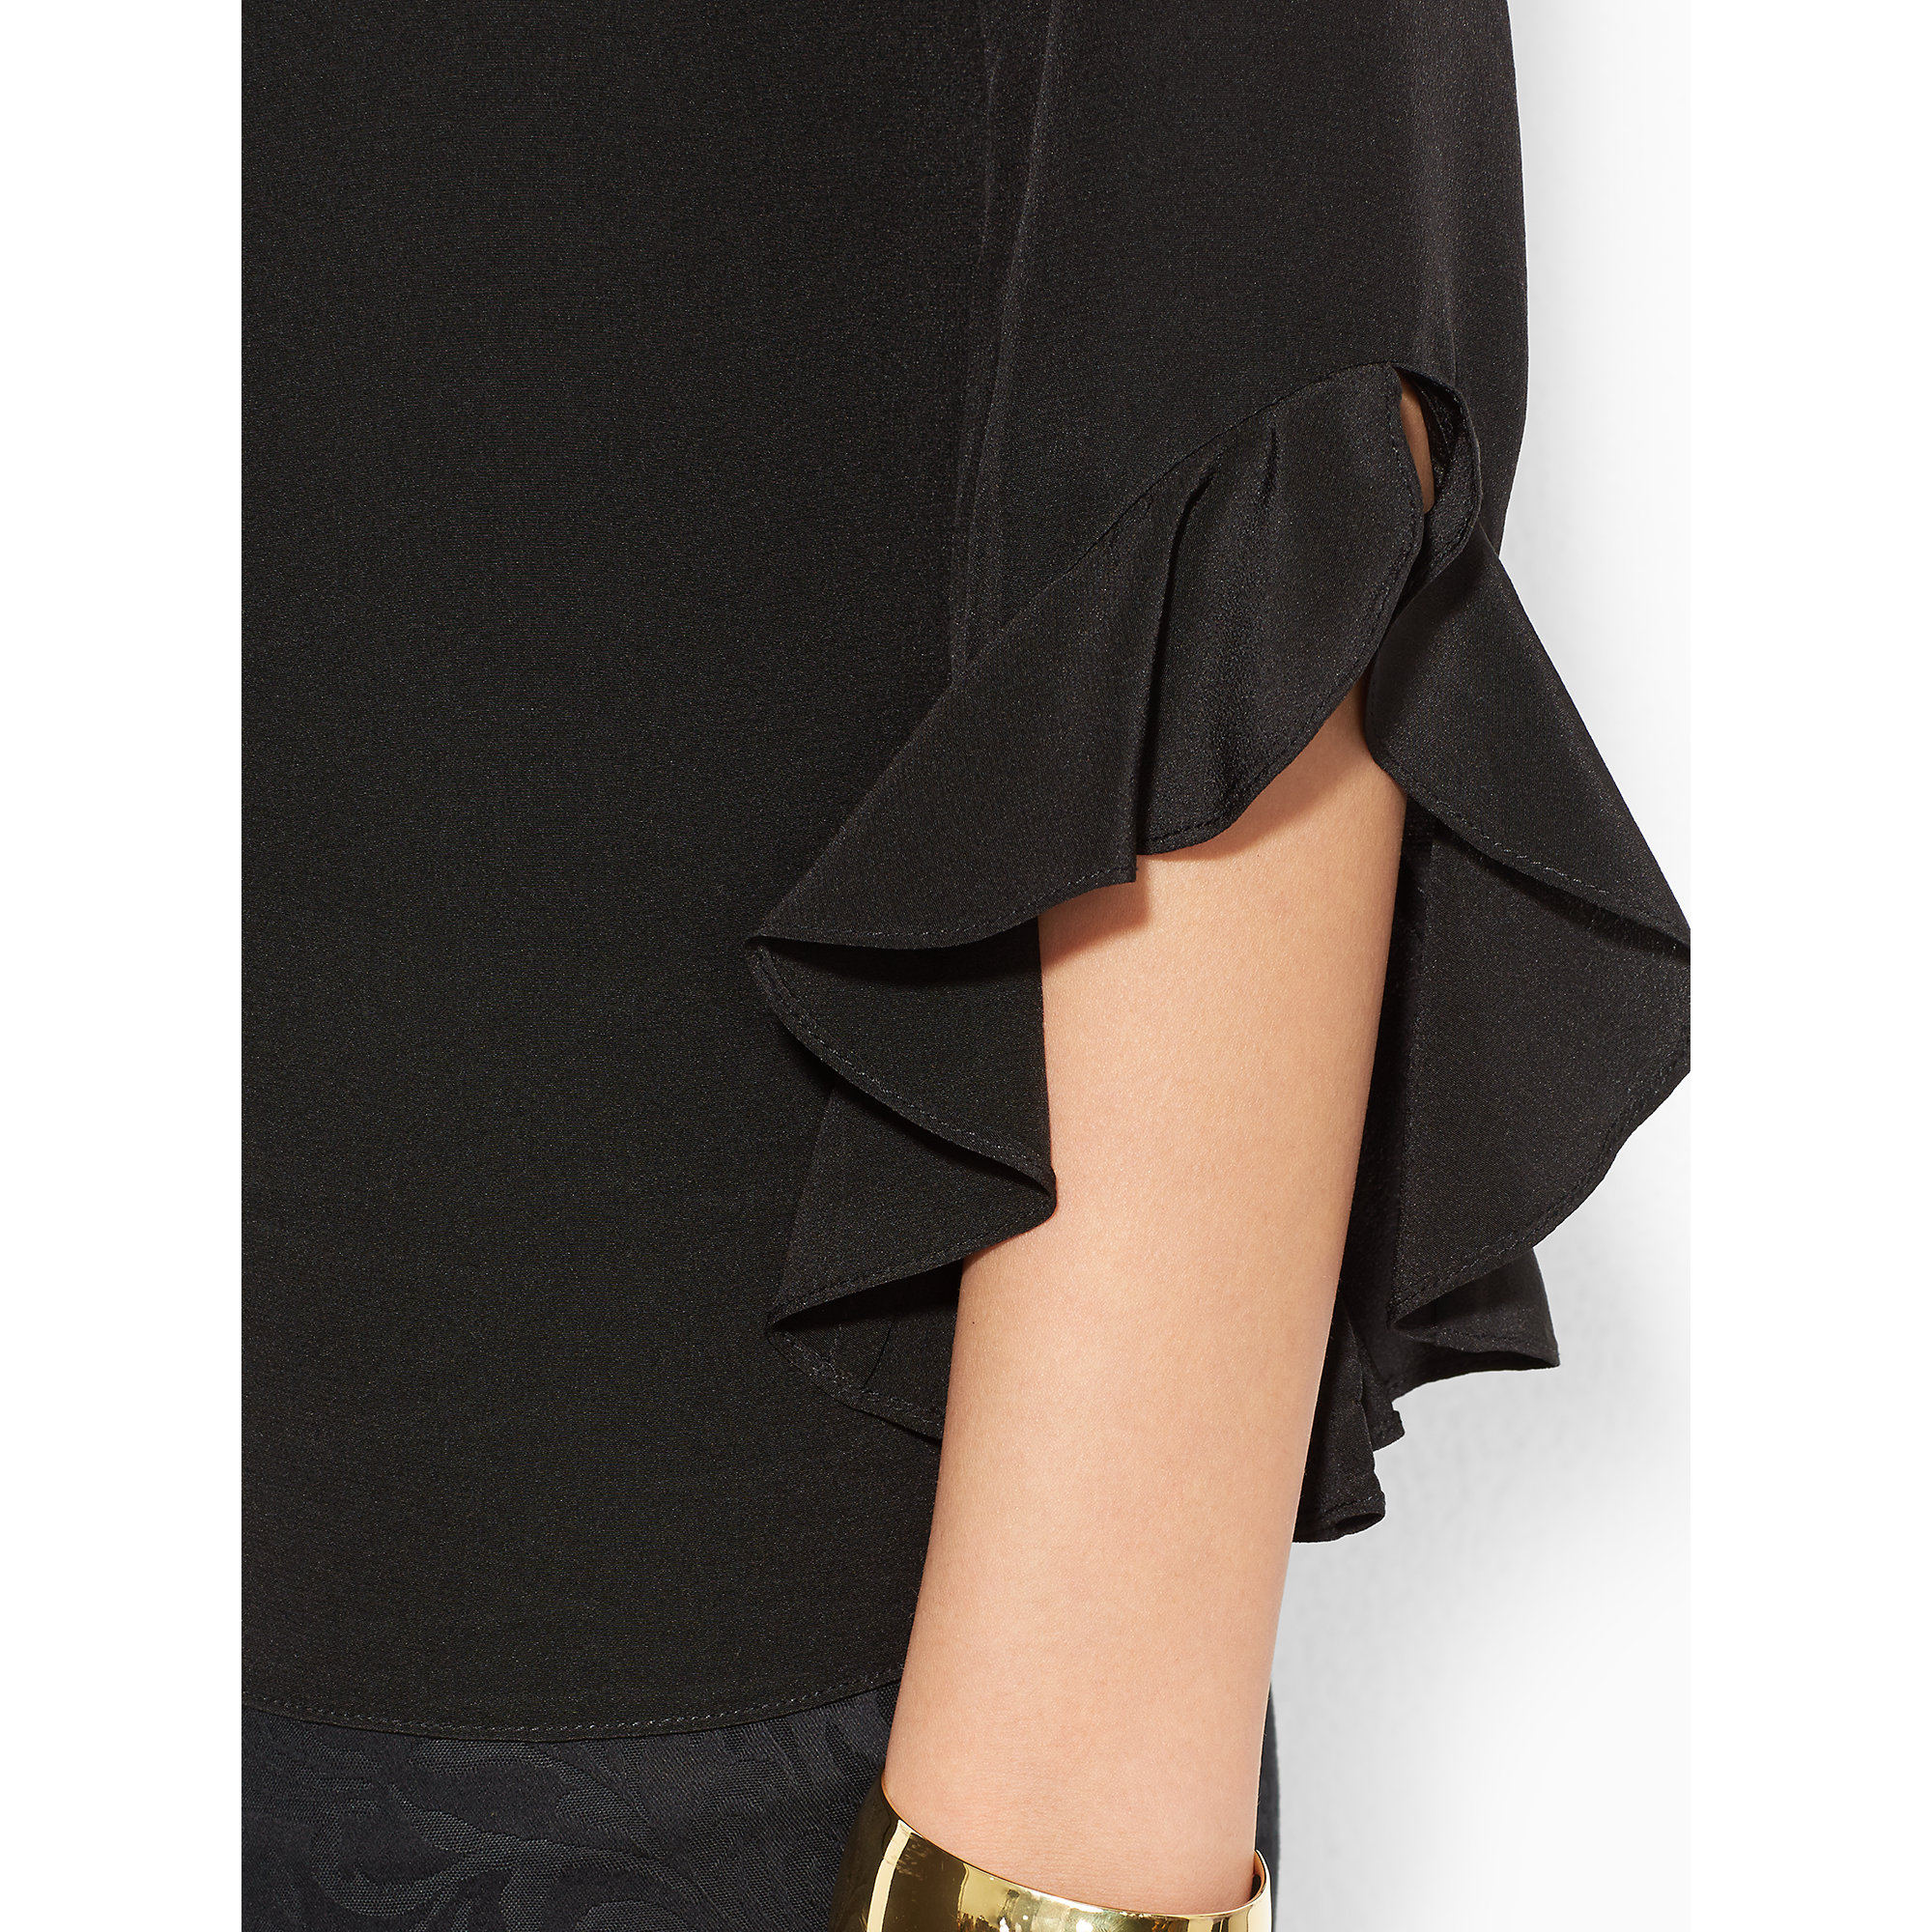 Ralph Lauren Black Silk Blouse 116